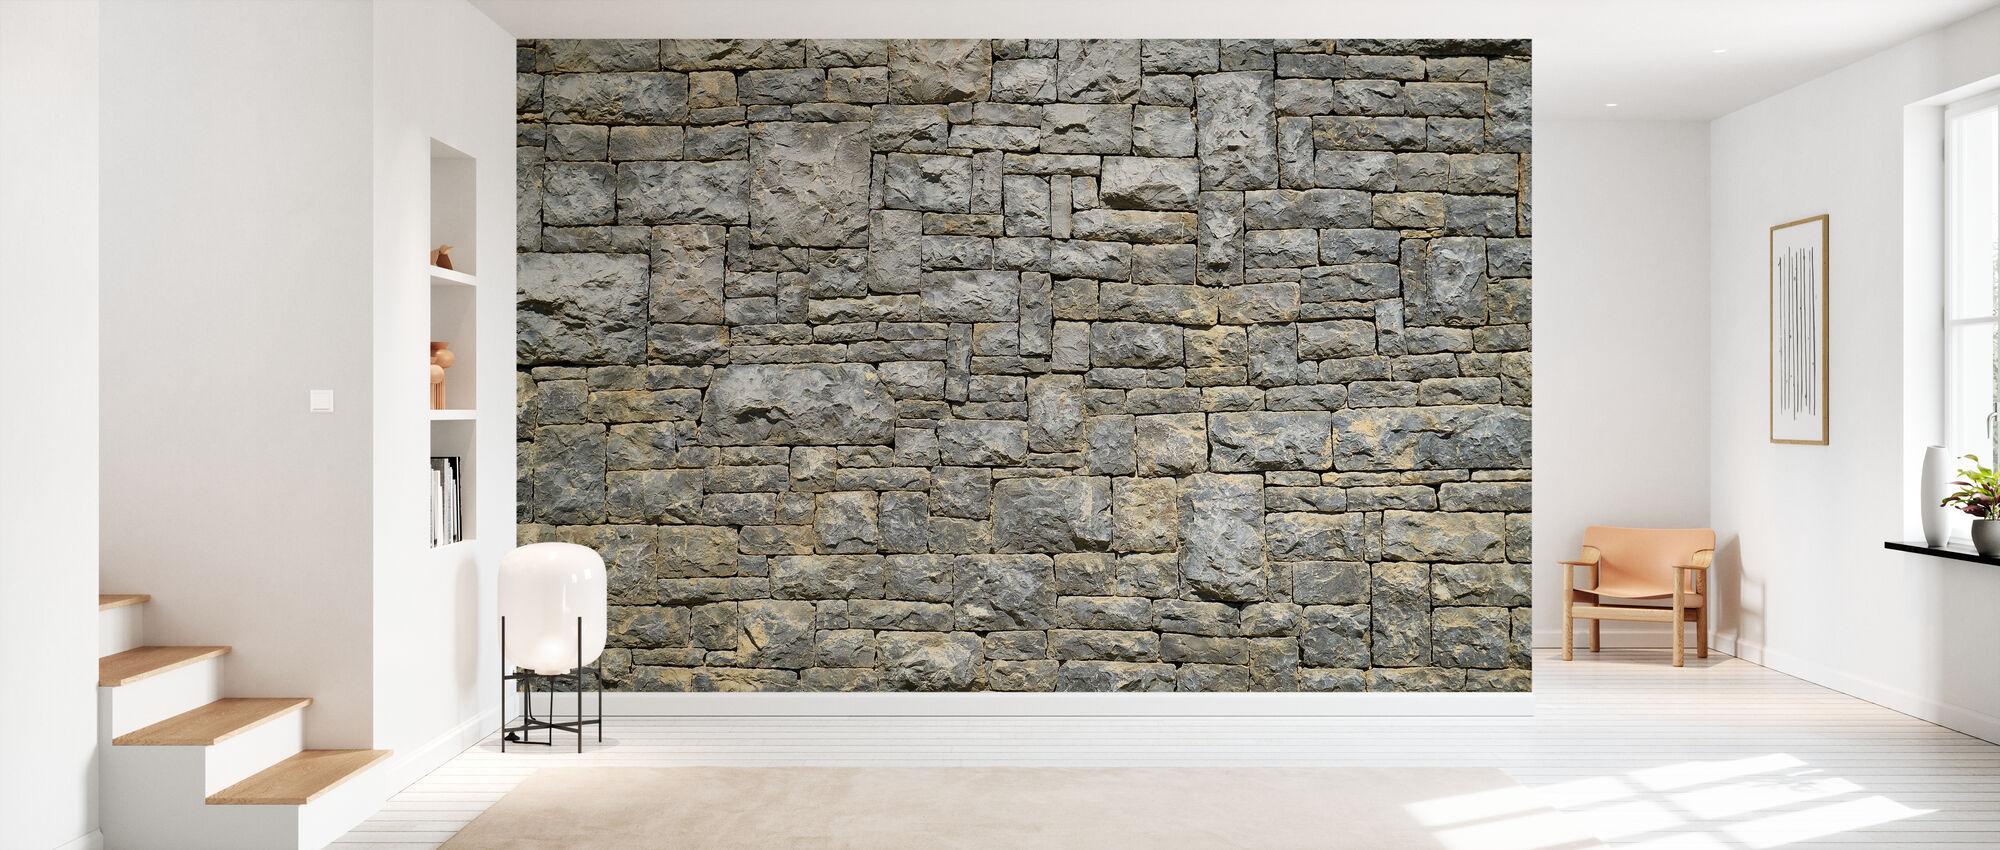 Granieten bakstenen muur - Behang - Gang